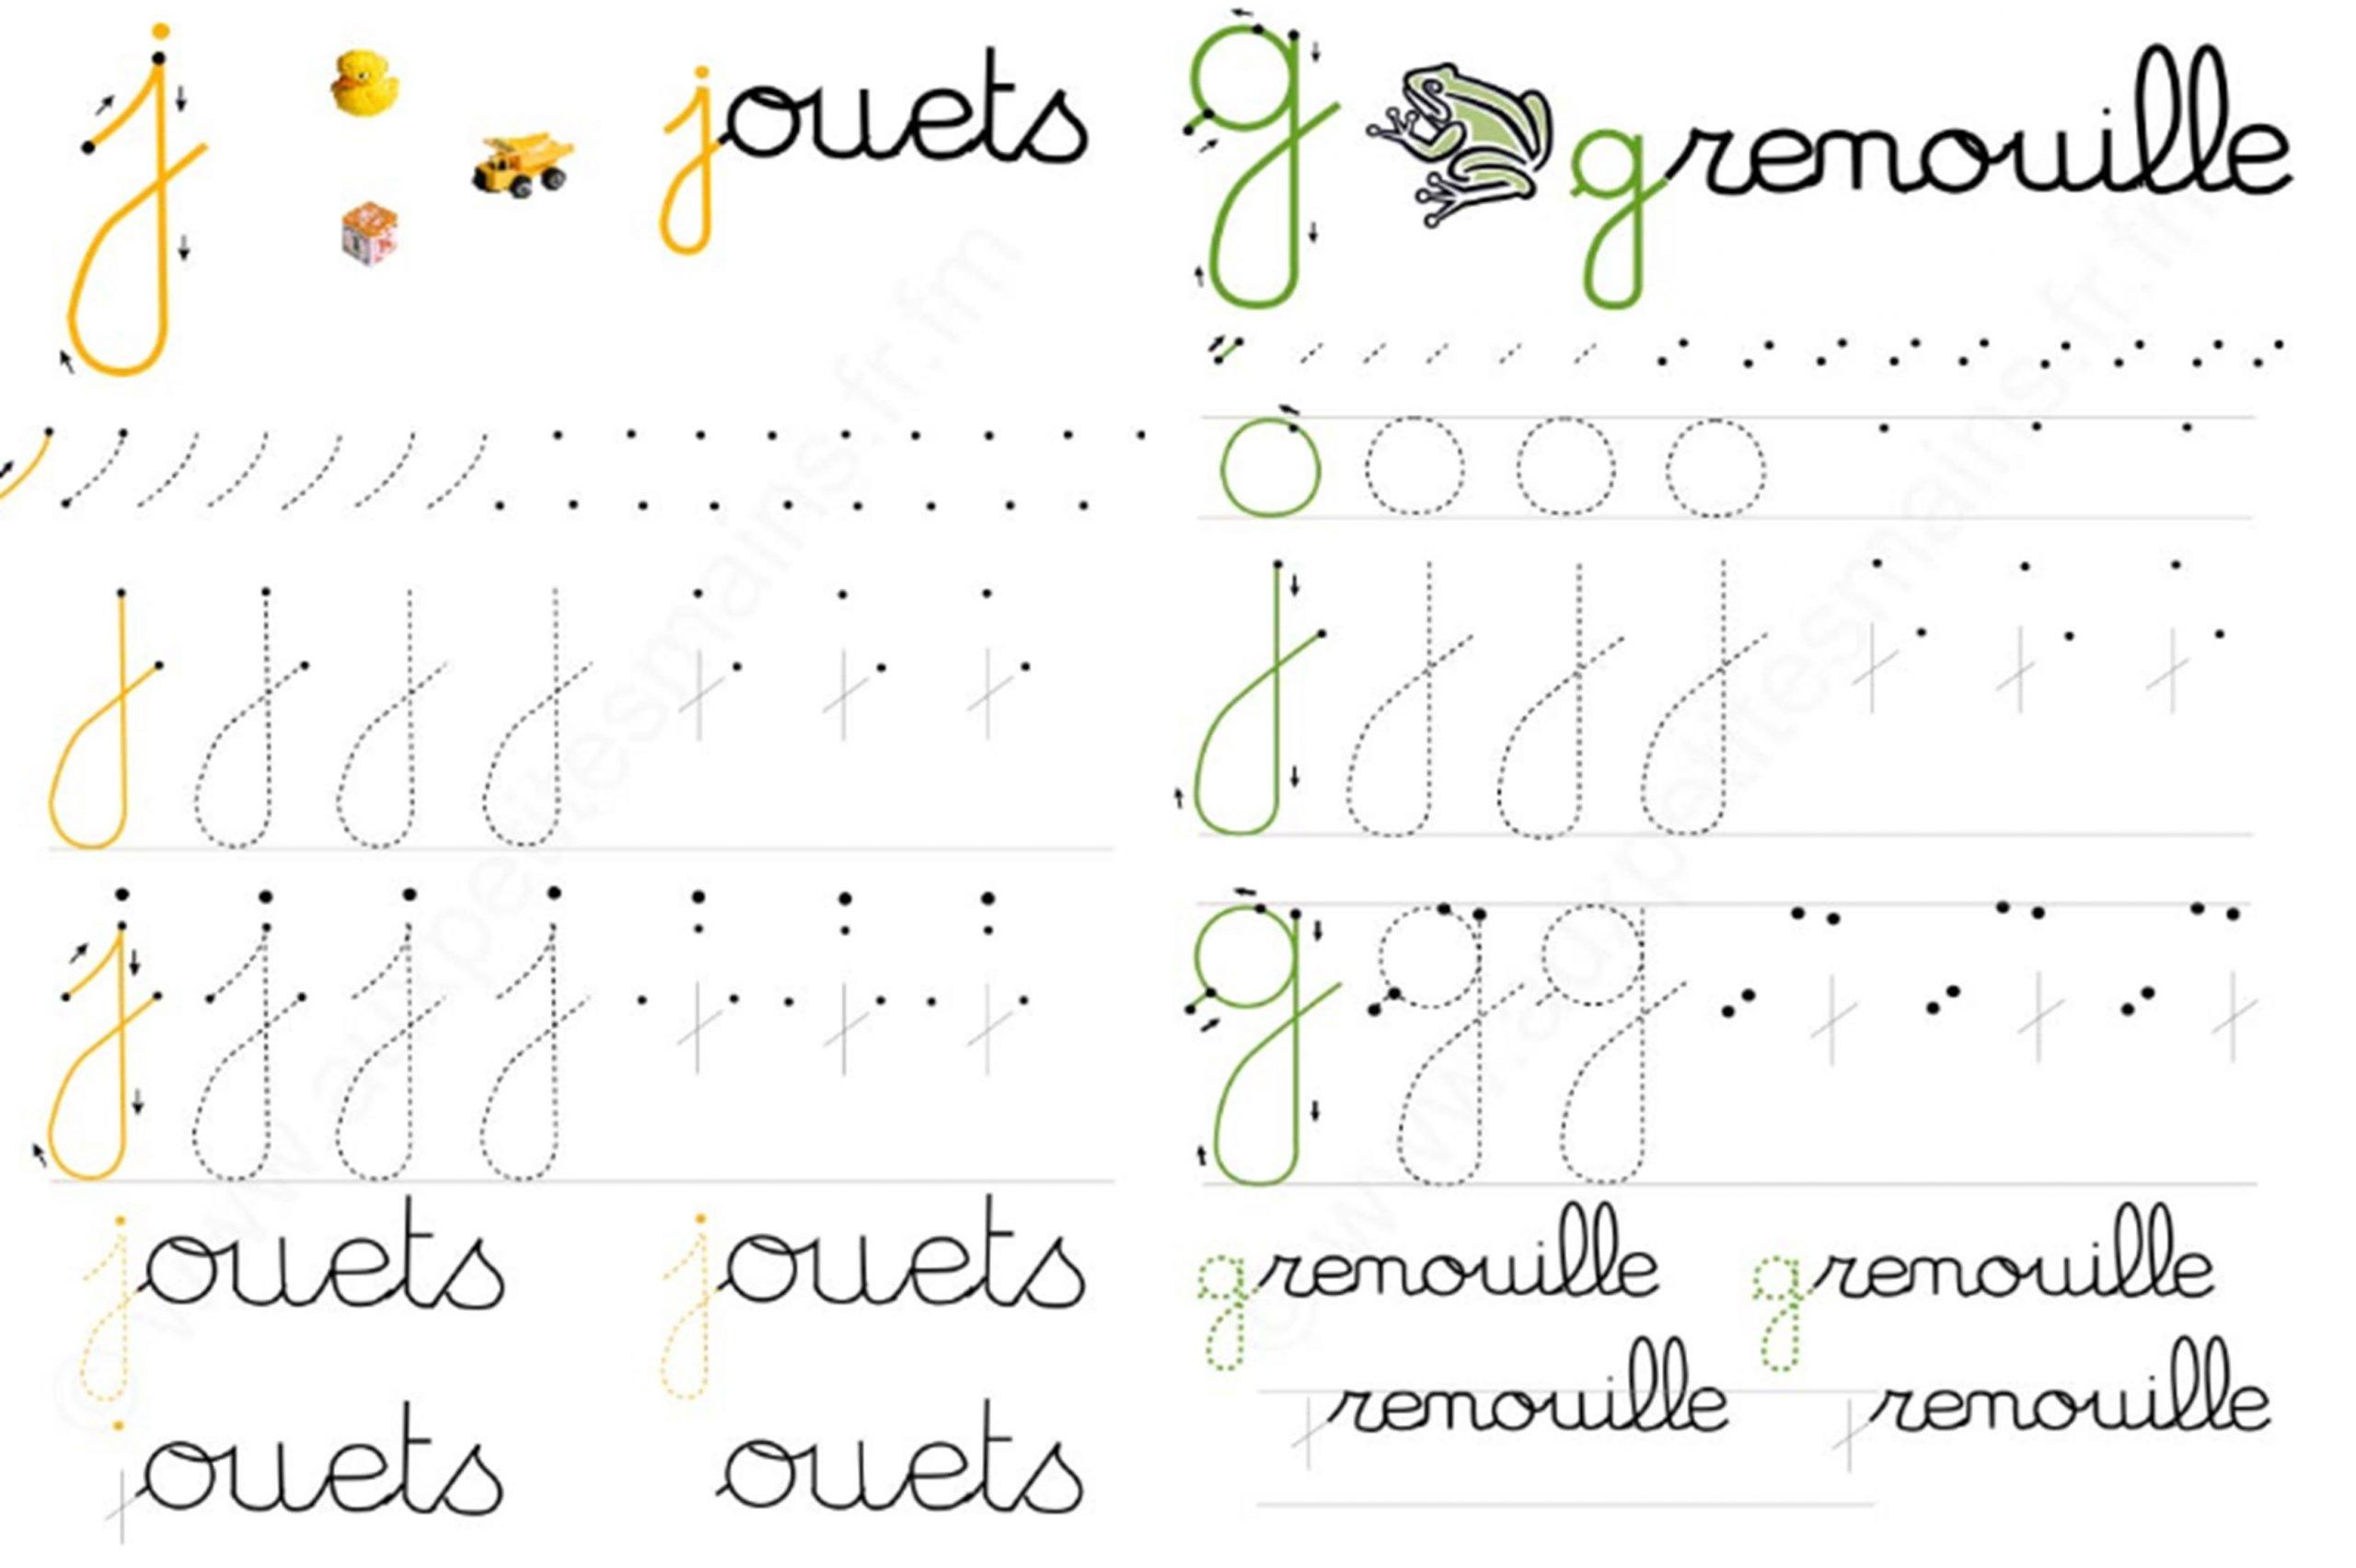 Fichier D'écriture Grande Section | Le Blog De Monsieur Mathieu avec Fiche Graphisme Maternelle